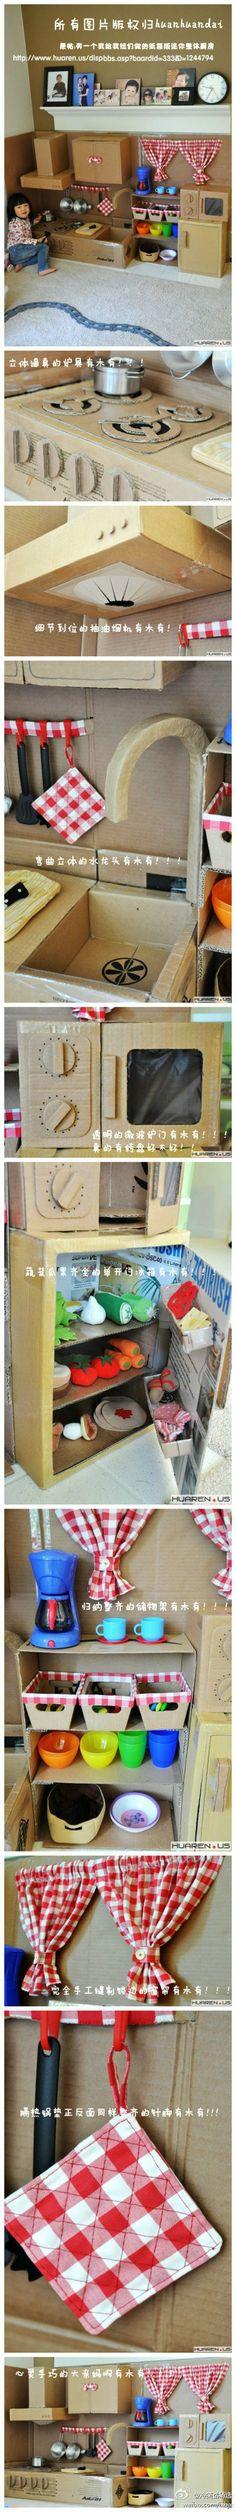 一位麻麻纯手工制作的纸箱版迷你整体厨房